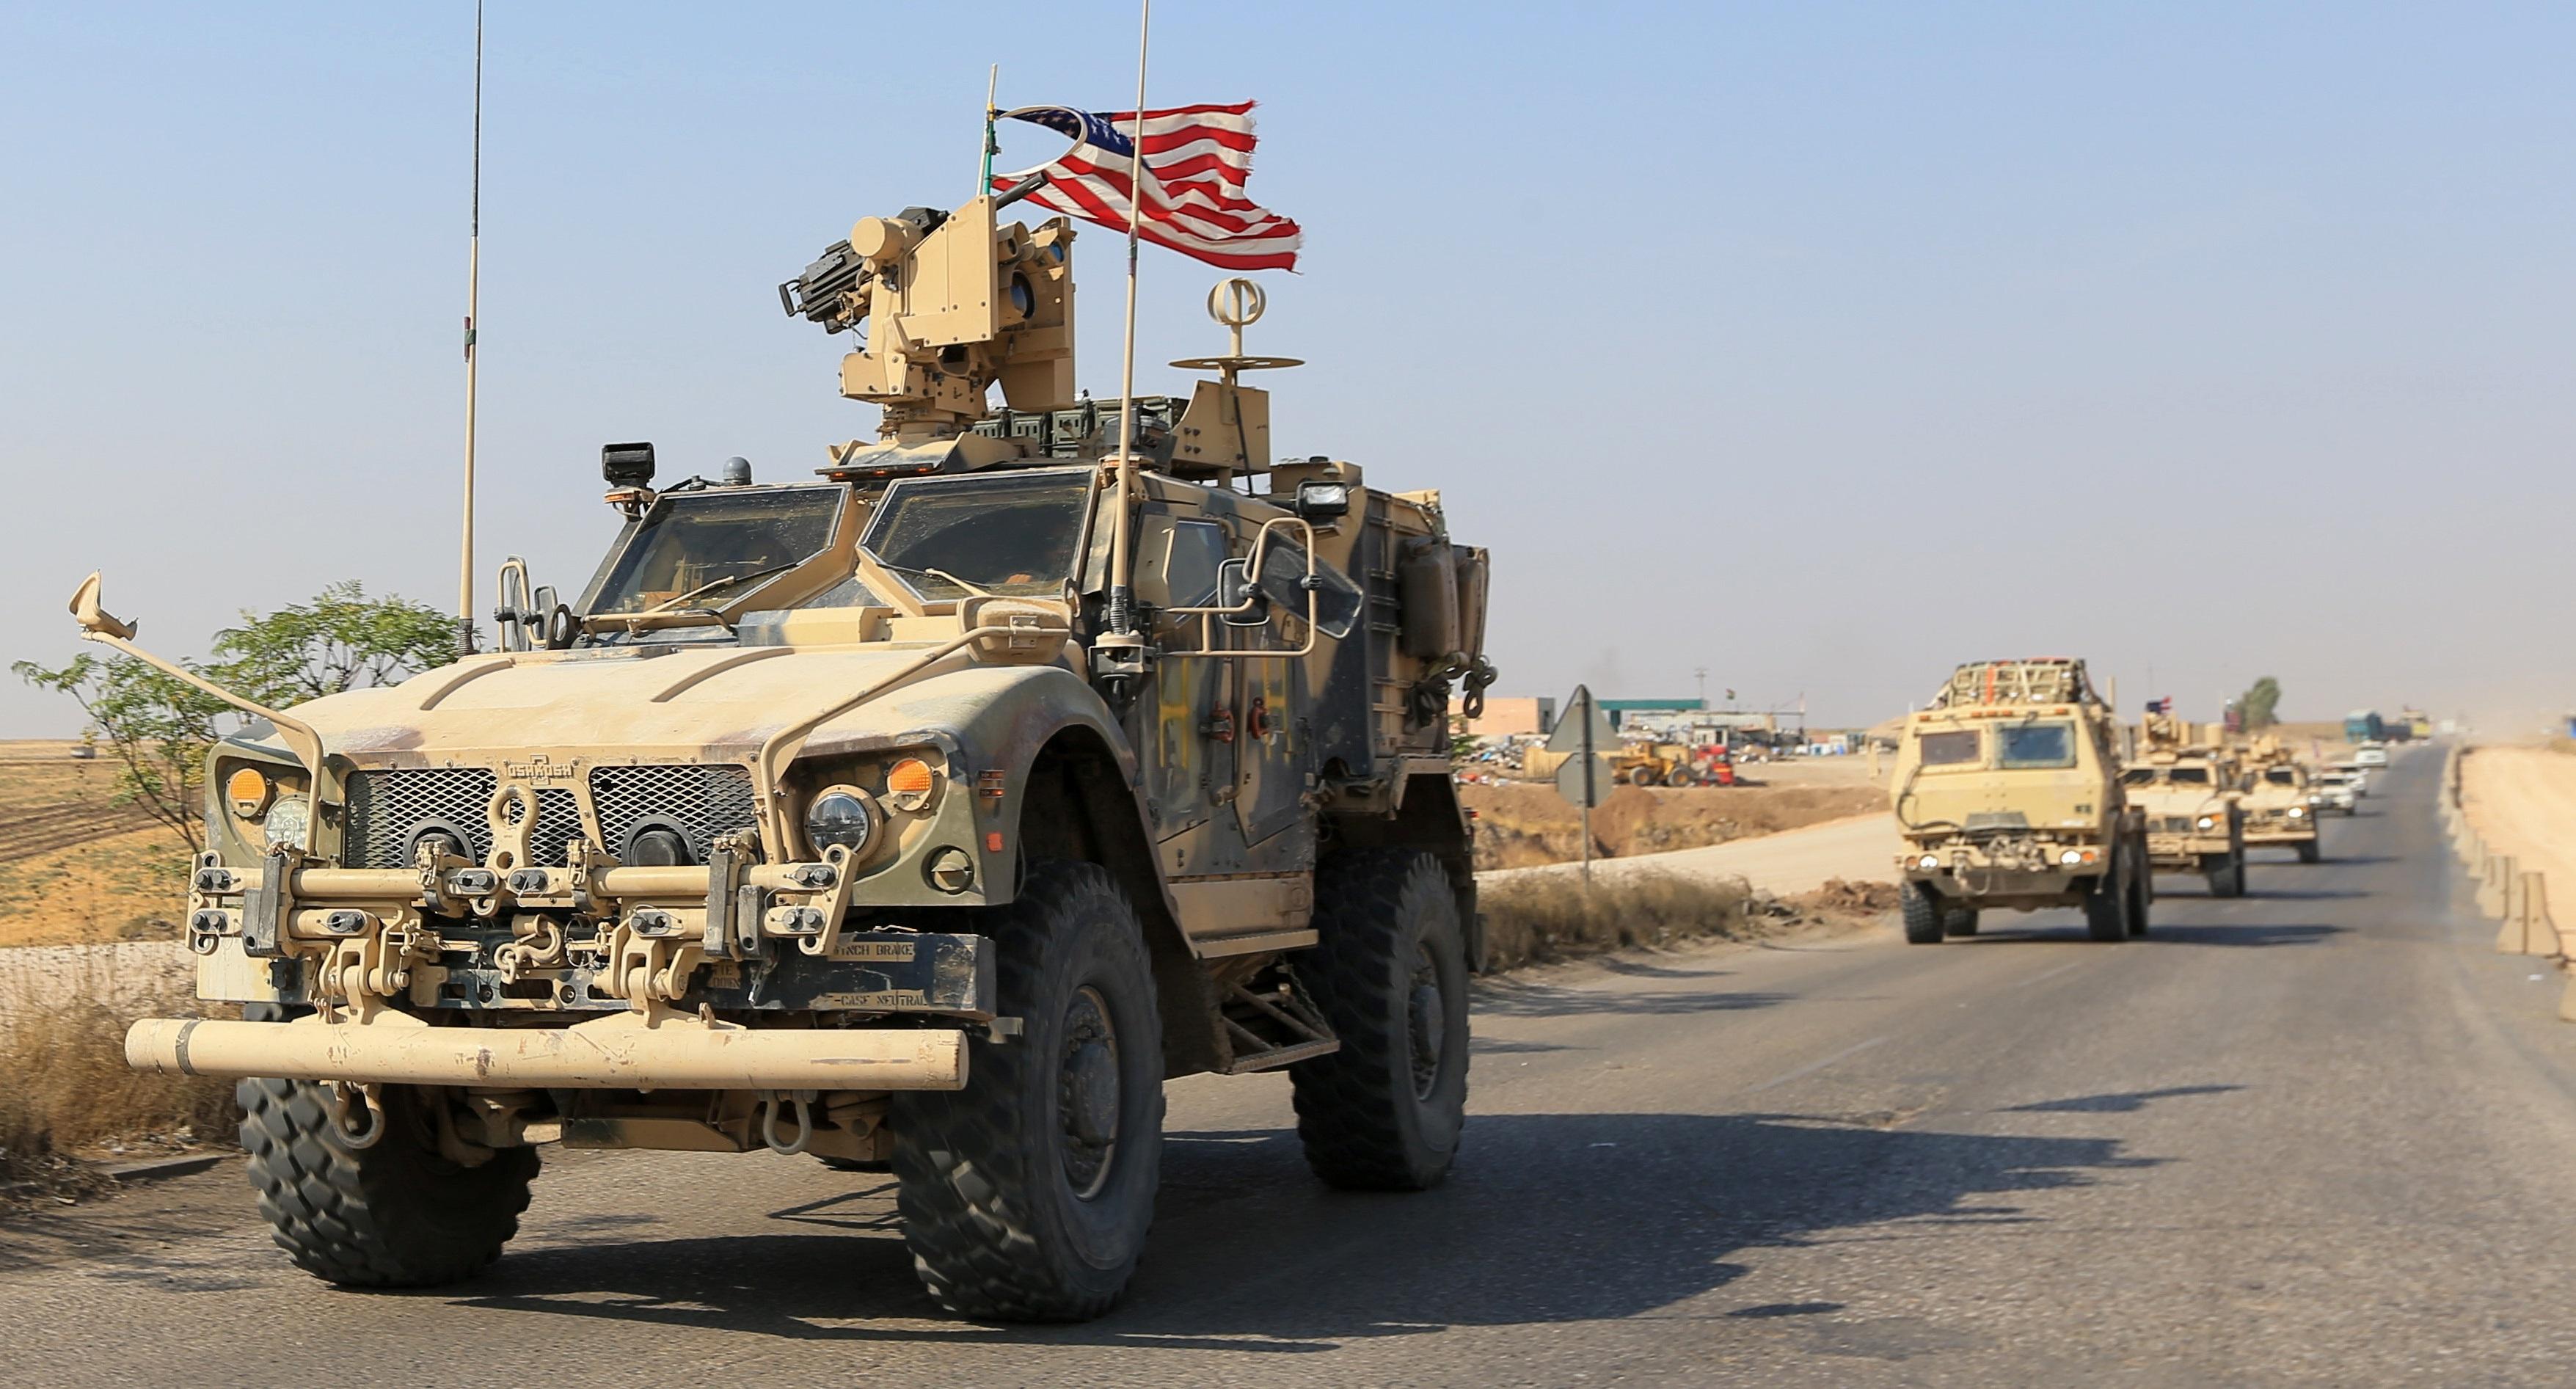 Ξανά στην Βορειοανατολική Συρία οι Αμερικανοί - Αδιόρθωτοι Κούρδοι, περιπολούν και πάλι μαζί τους!